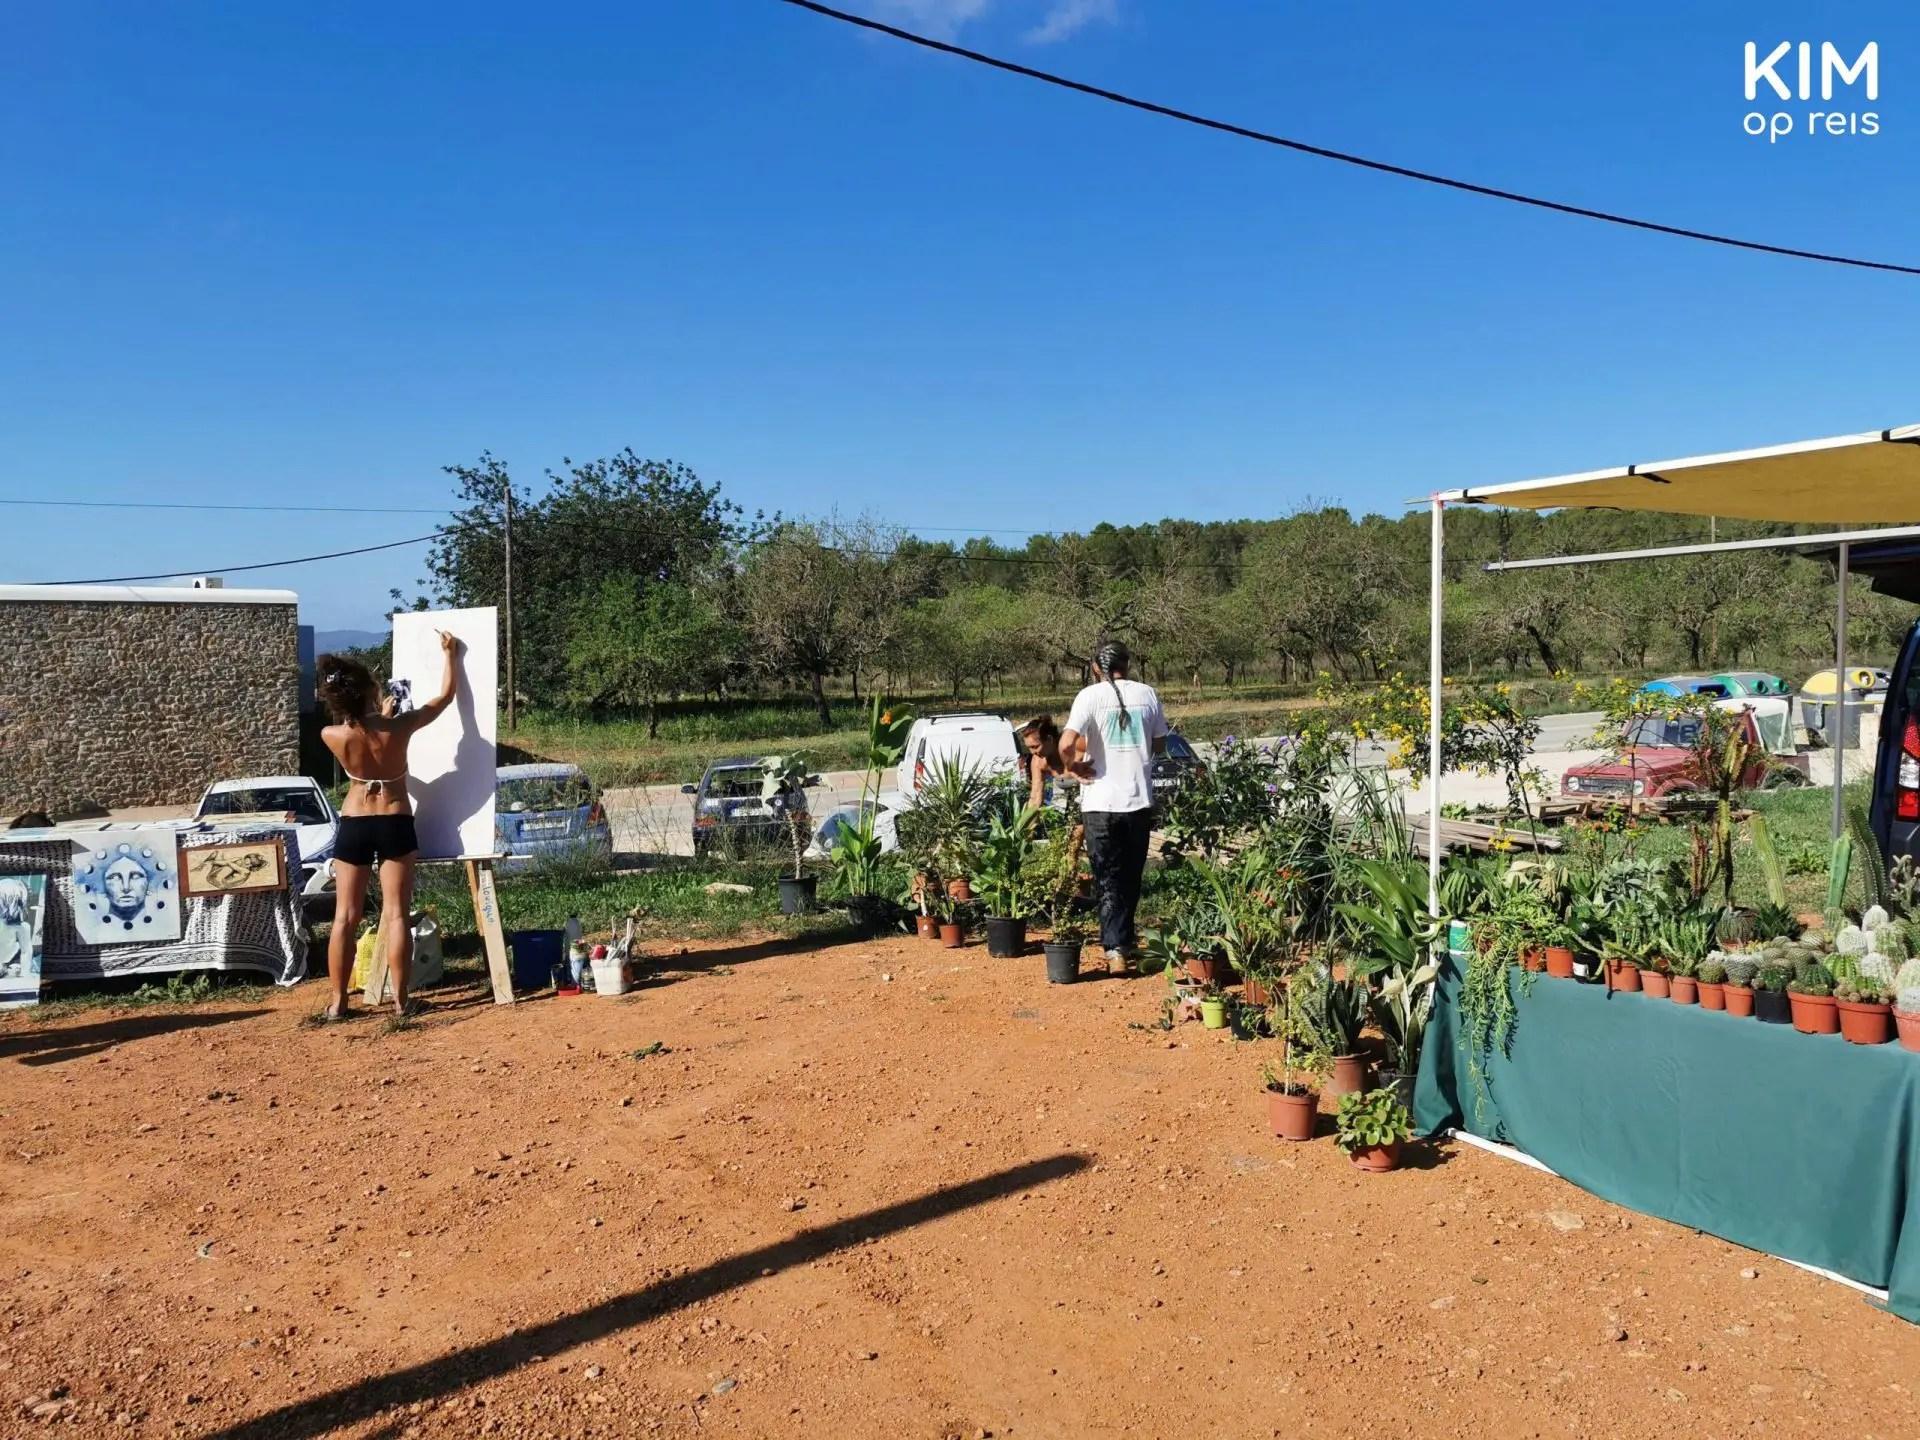 Mercat de Forada Ibiza - hoekje van de markt waar planten worden verkocht en iemand een schilderij maakt